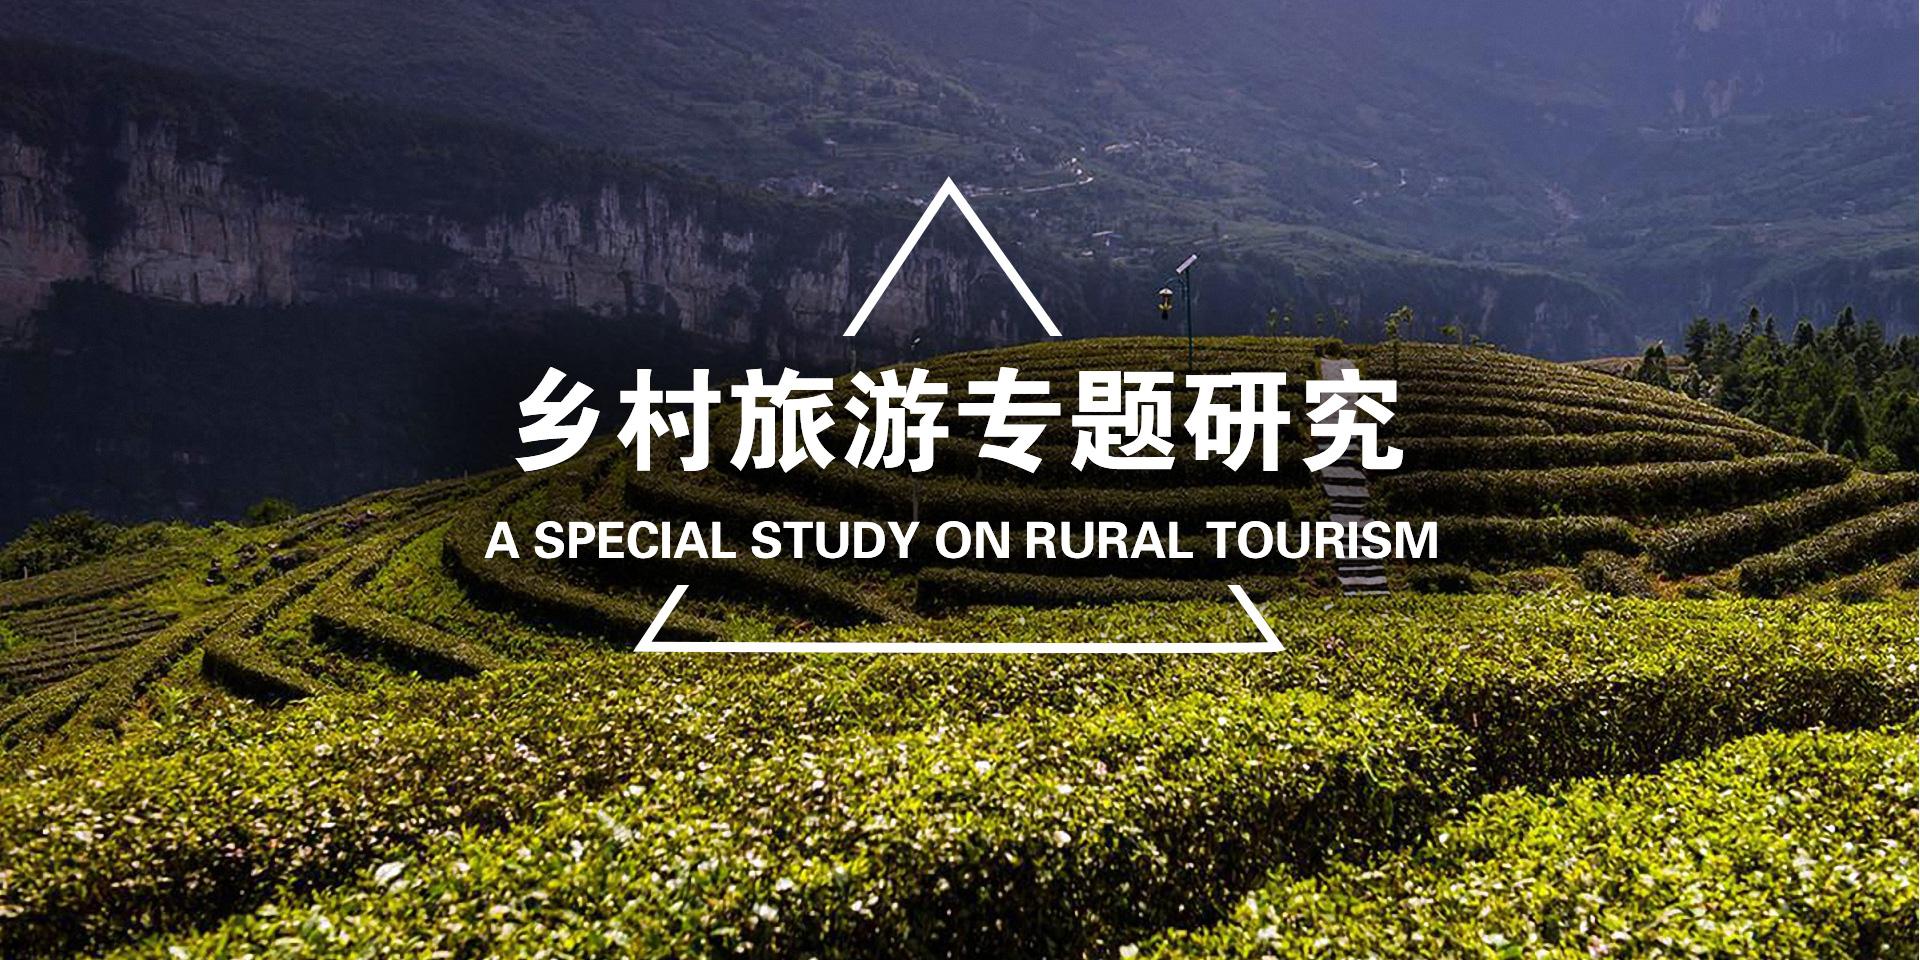 乡村旅游专题研究